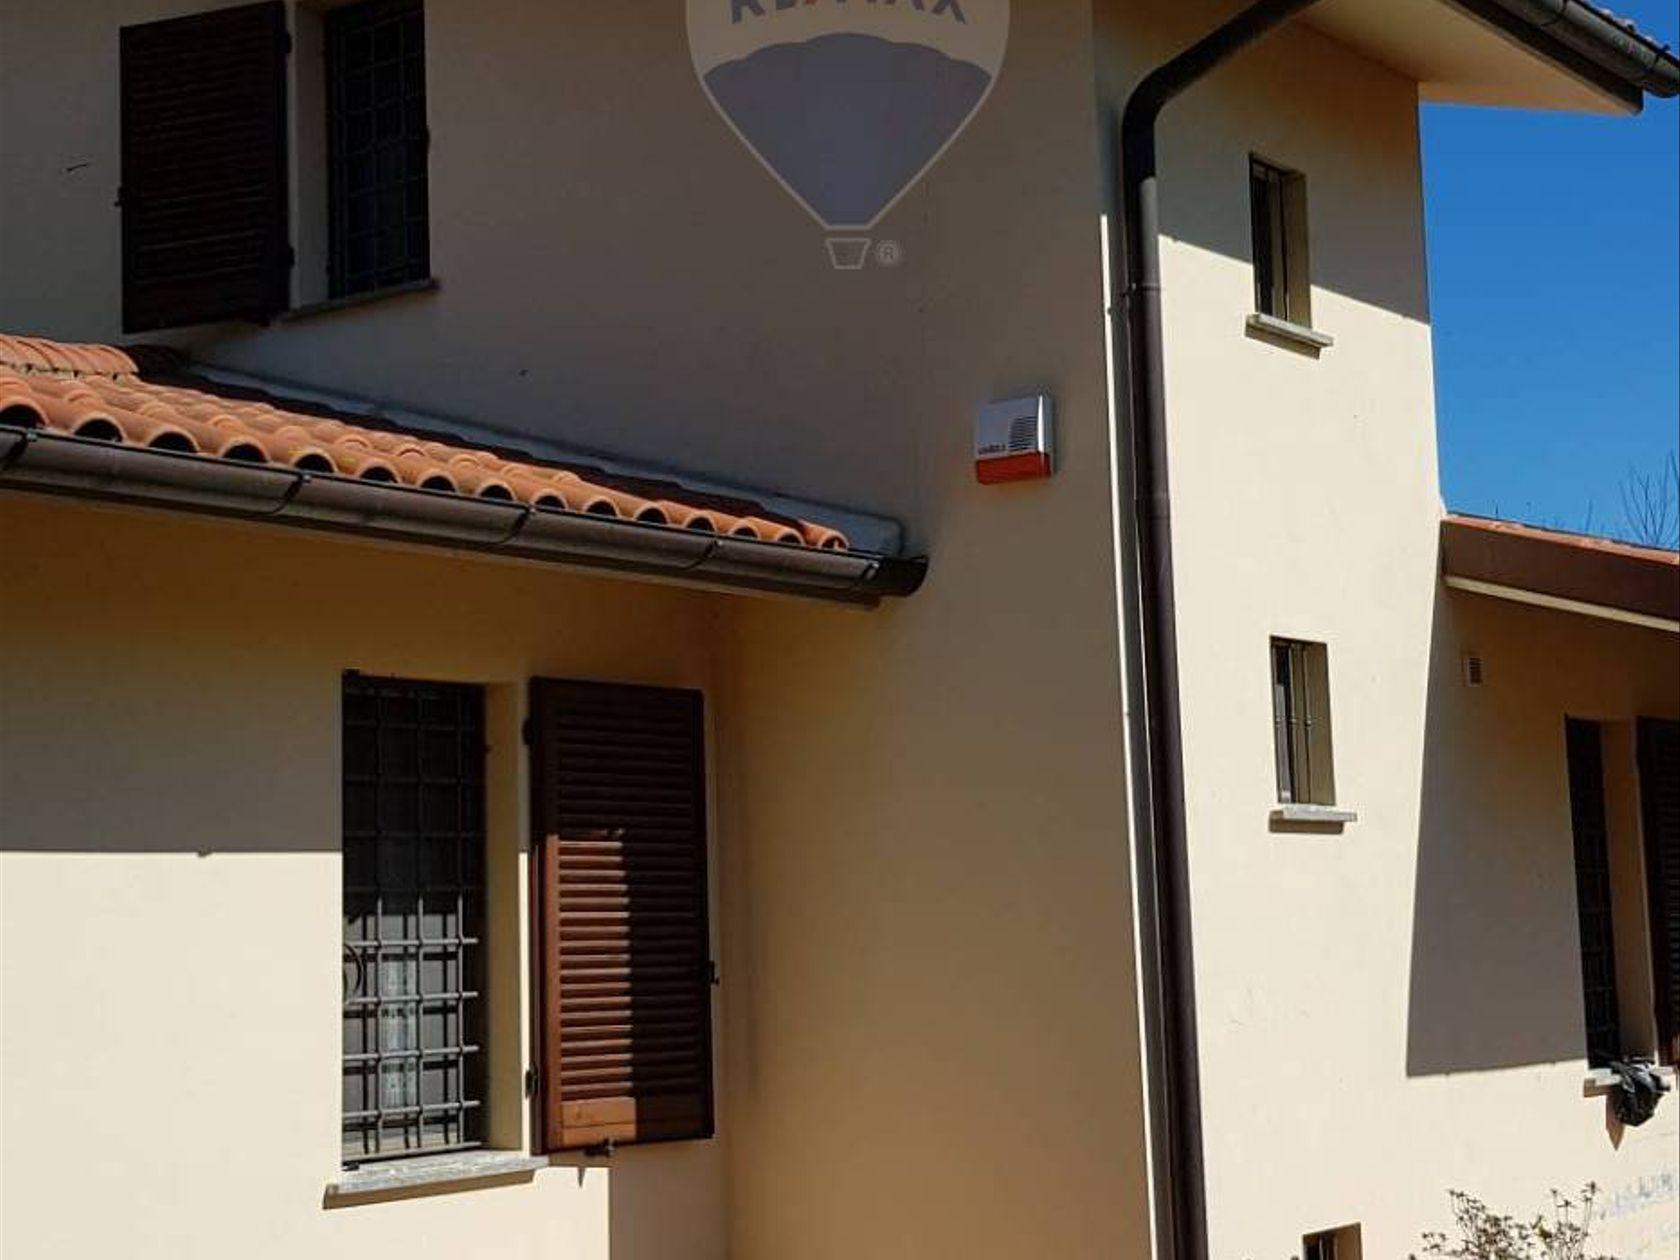 Casa Indipendente Mangona, Barberino di Mugello, FI Vendita - Foto 16